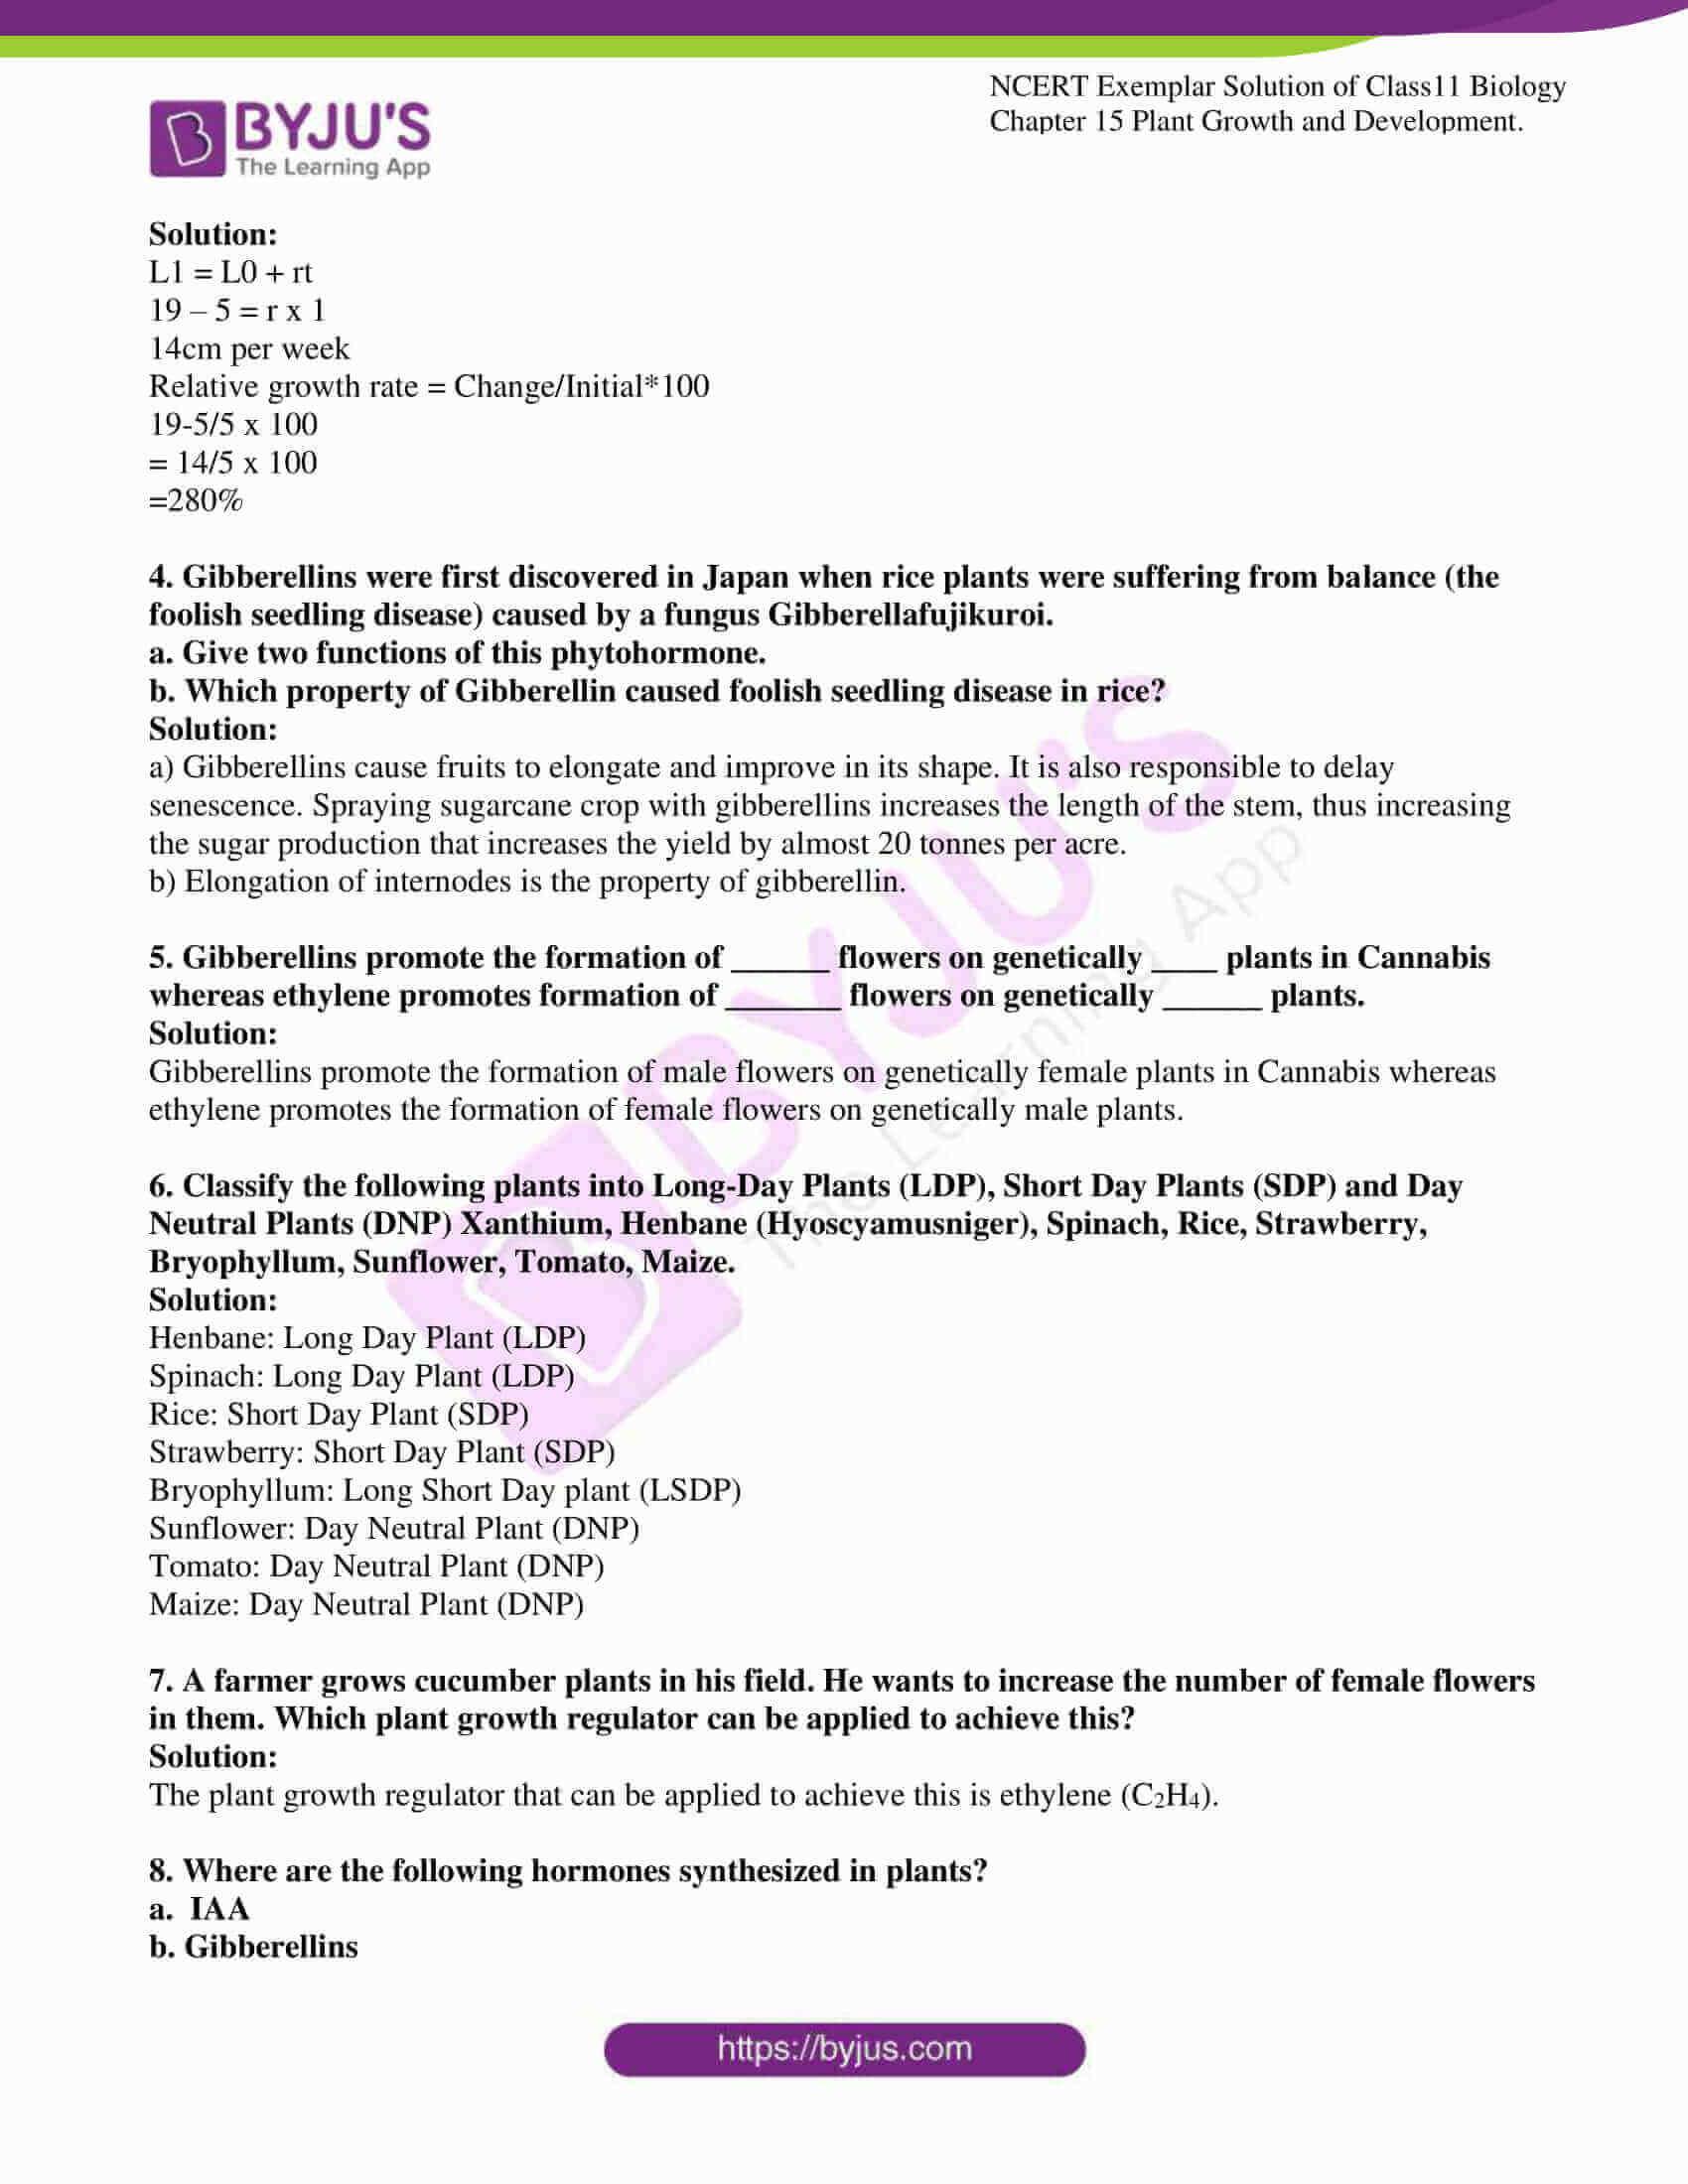 ncert exemplar solutions class 11 biology chapter 15 04